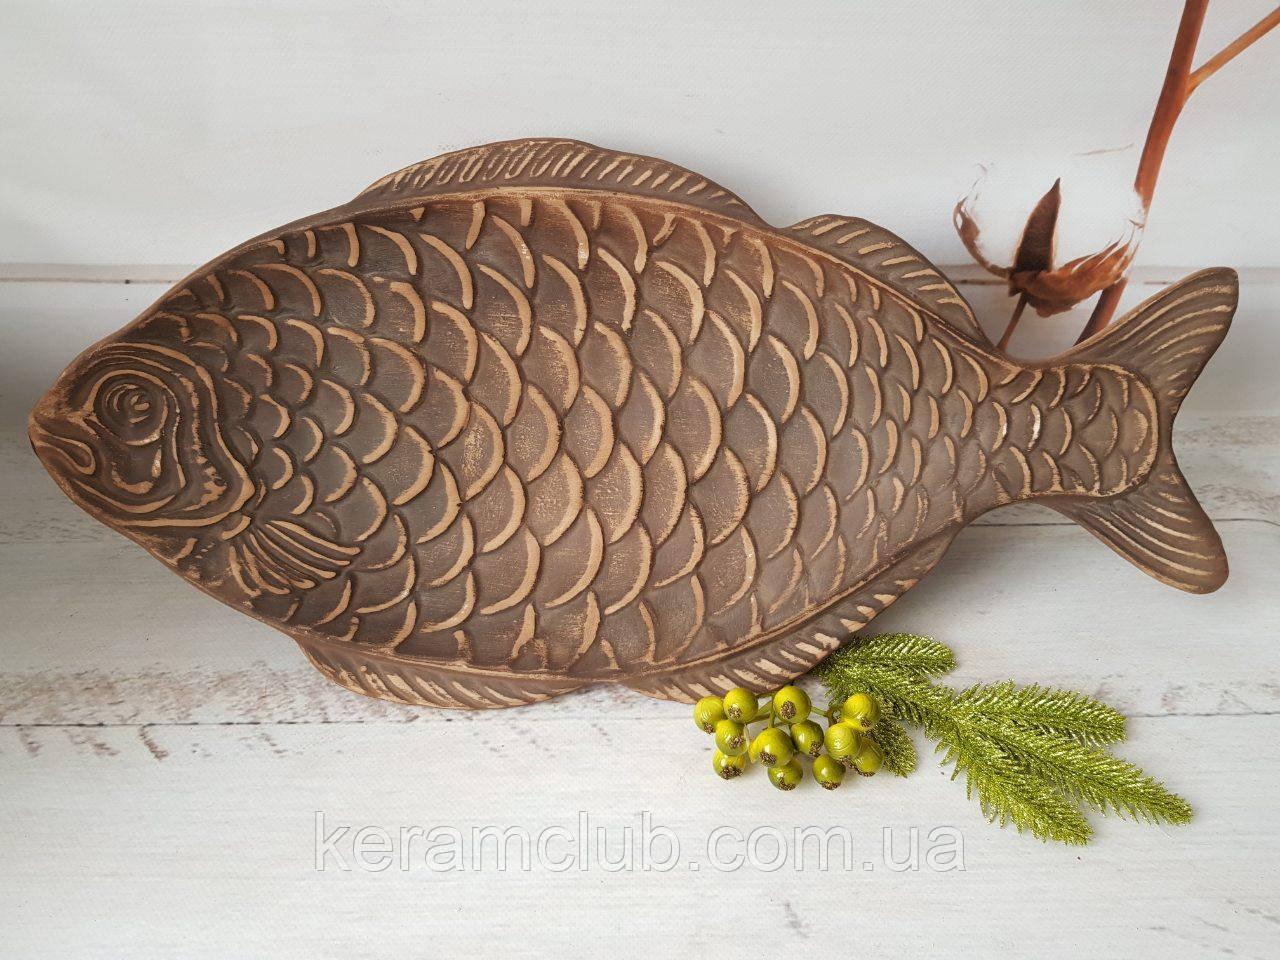 Селедочница-рыбка из красной глины 50 см